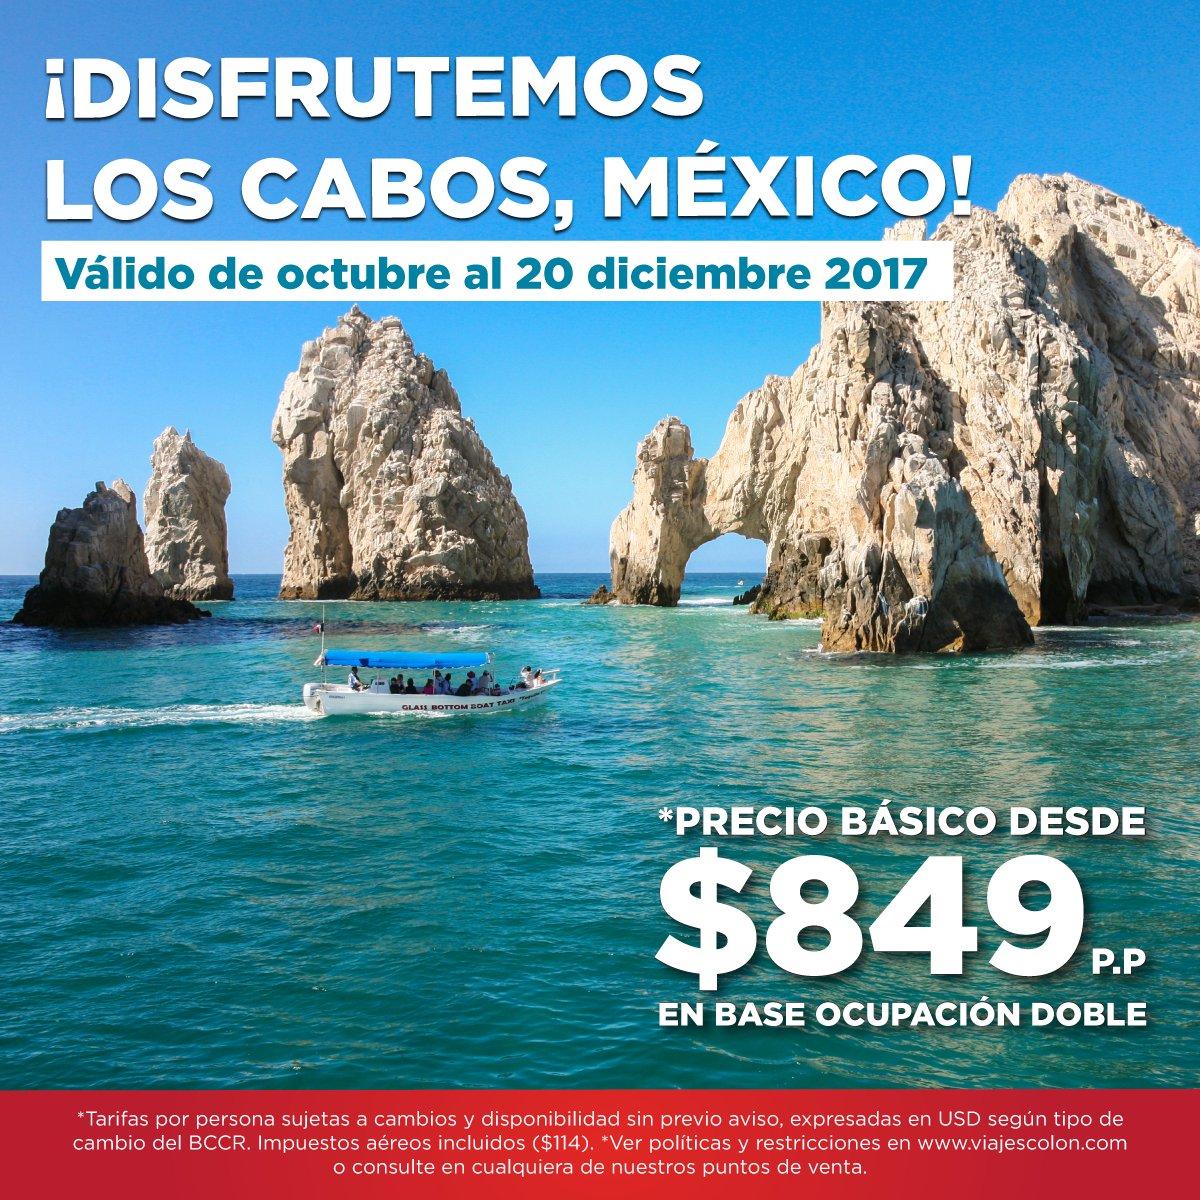 #LosCabos, un lugar único que merecemos visitar. Boleto aéreo + traslado + alojamiento + impuestos  reservas@viajescolon.com #Vacaciones https://t.co/DSChU5oUqX